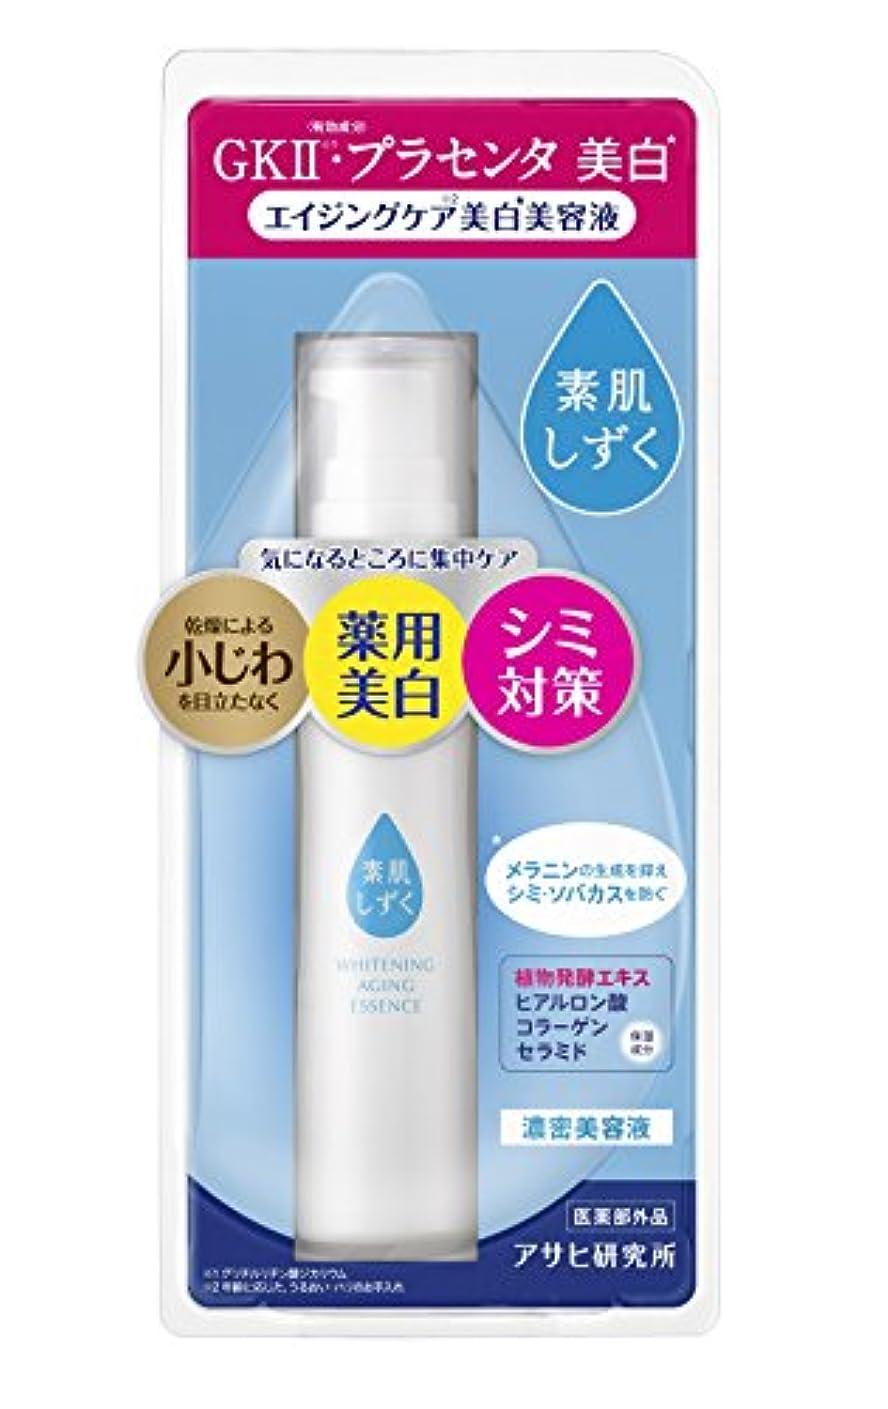 過言職人サロン【医薬部外品】素肌しずく エイジング美白美容液 45ml